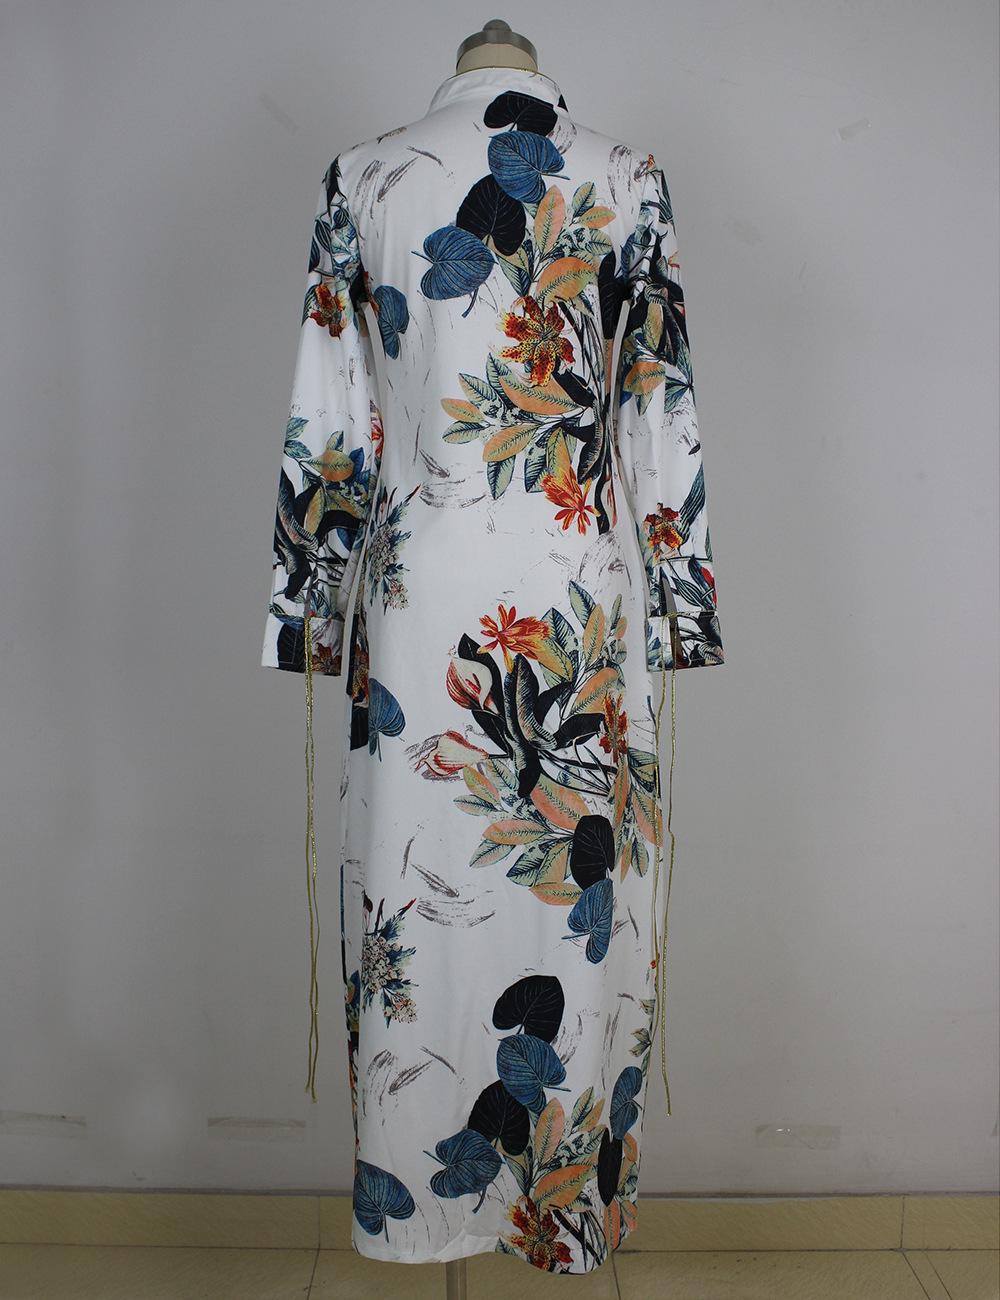 HTB1F.KqQXXXXXXVXXXXq6xXFXXXx - Long Sleeve Ethnic Floral Print White Shirt Women Kimono Blusas